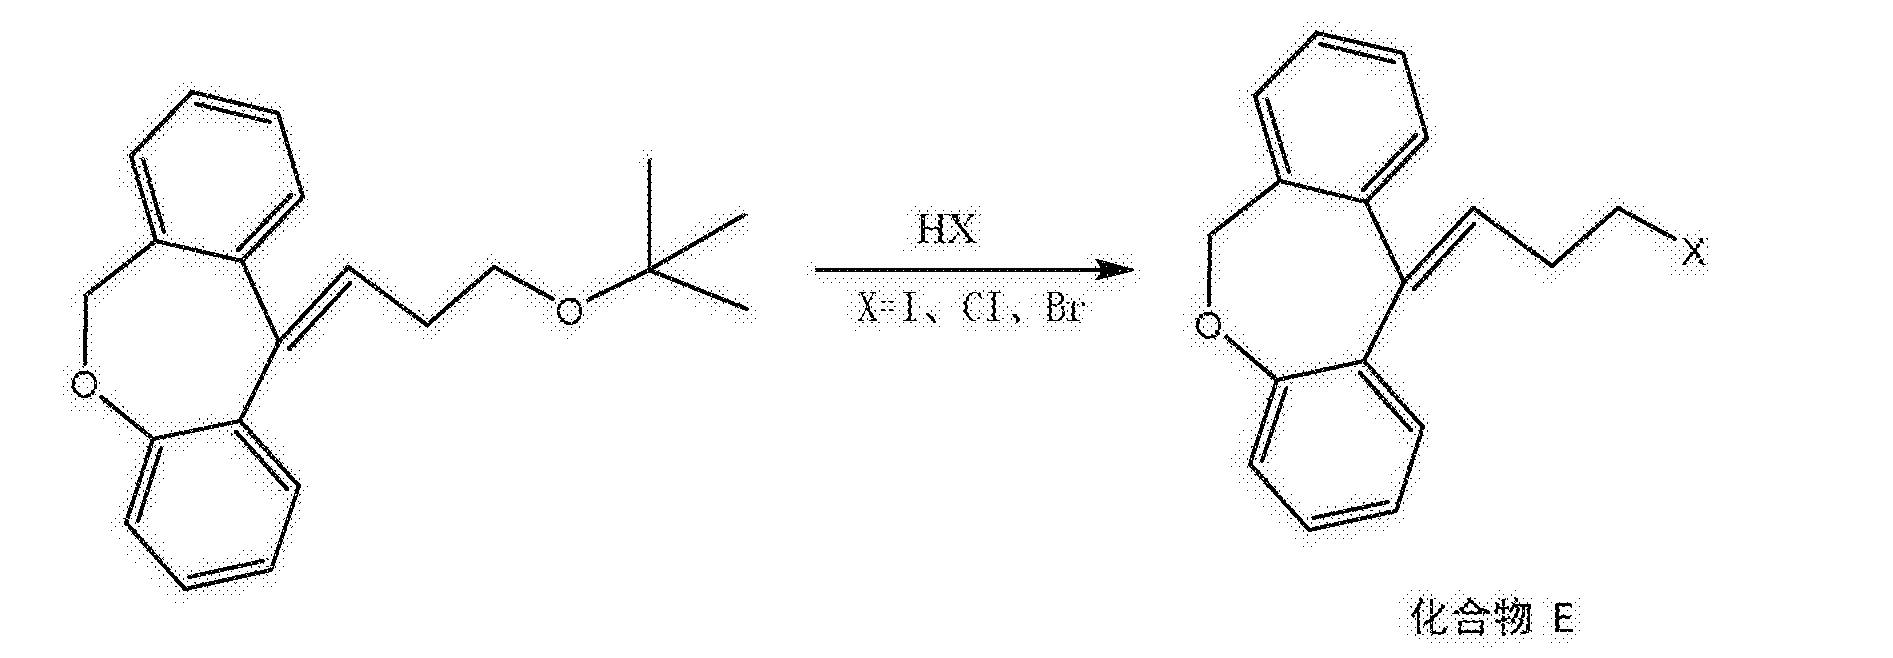 Figure CN105330638AC00033